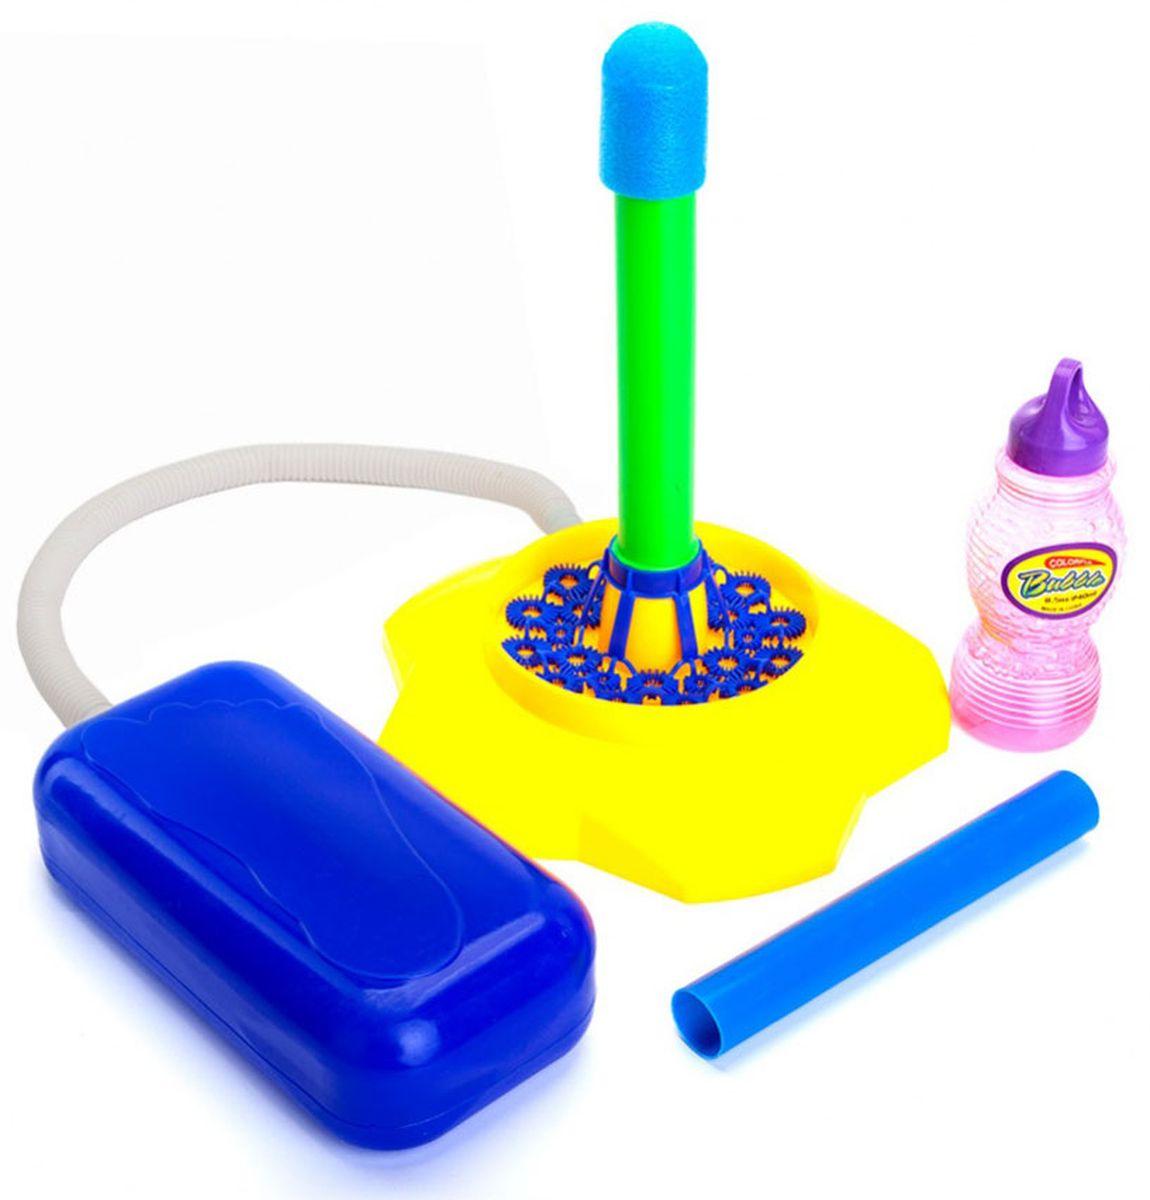 Bradex Ракета с мыльными пузырями и помпой Баббл -  Мыльные пузыри